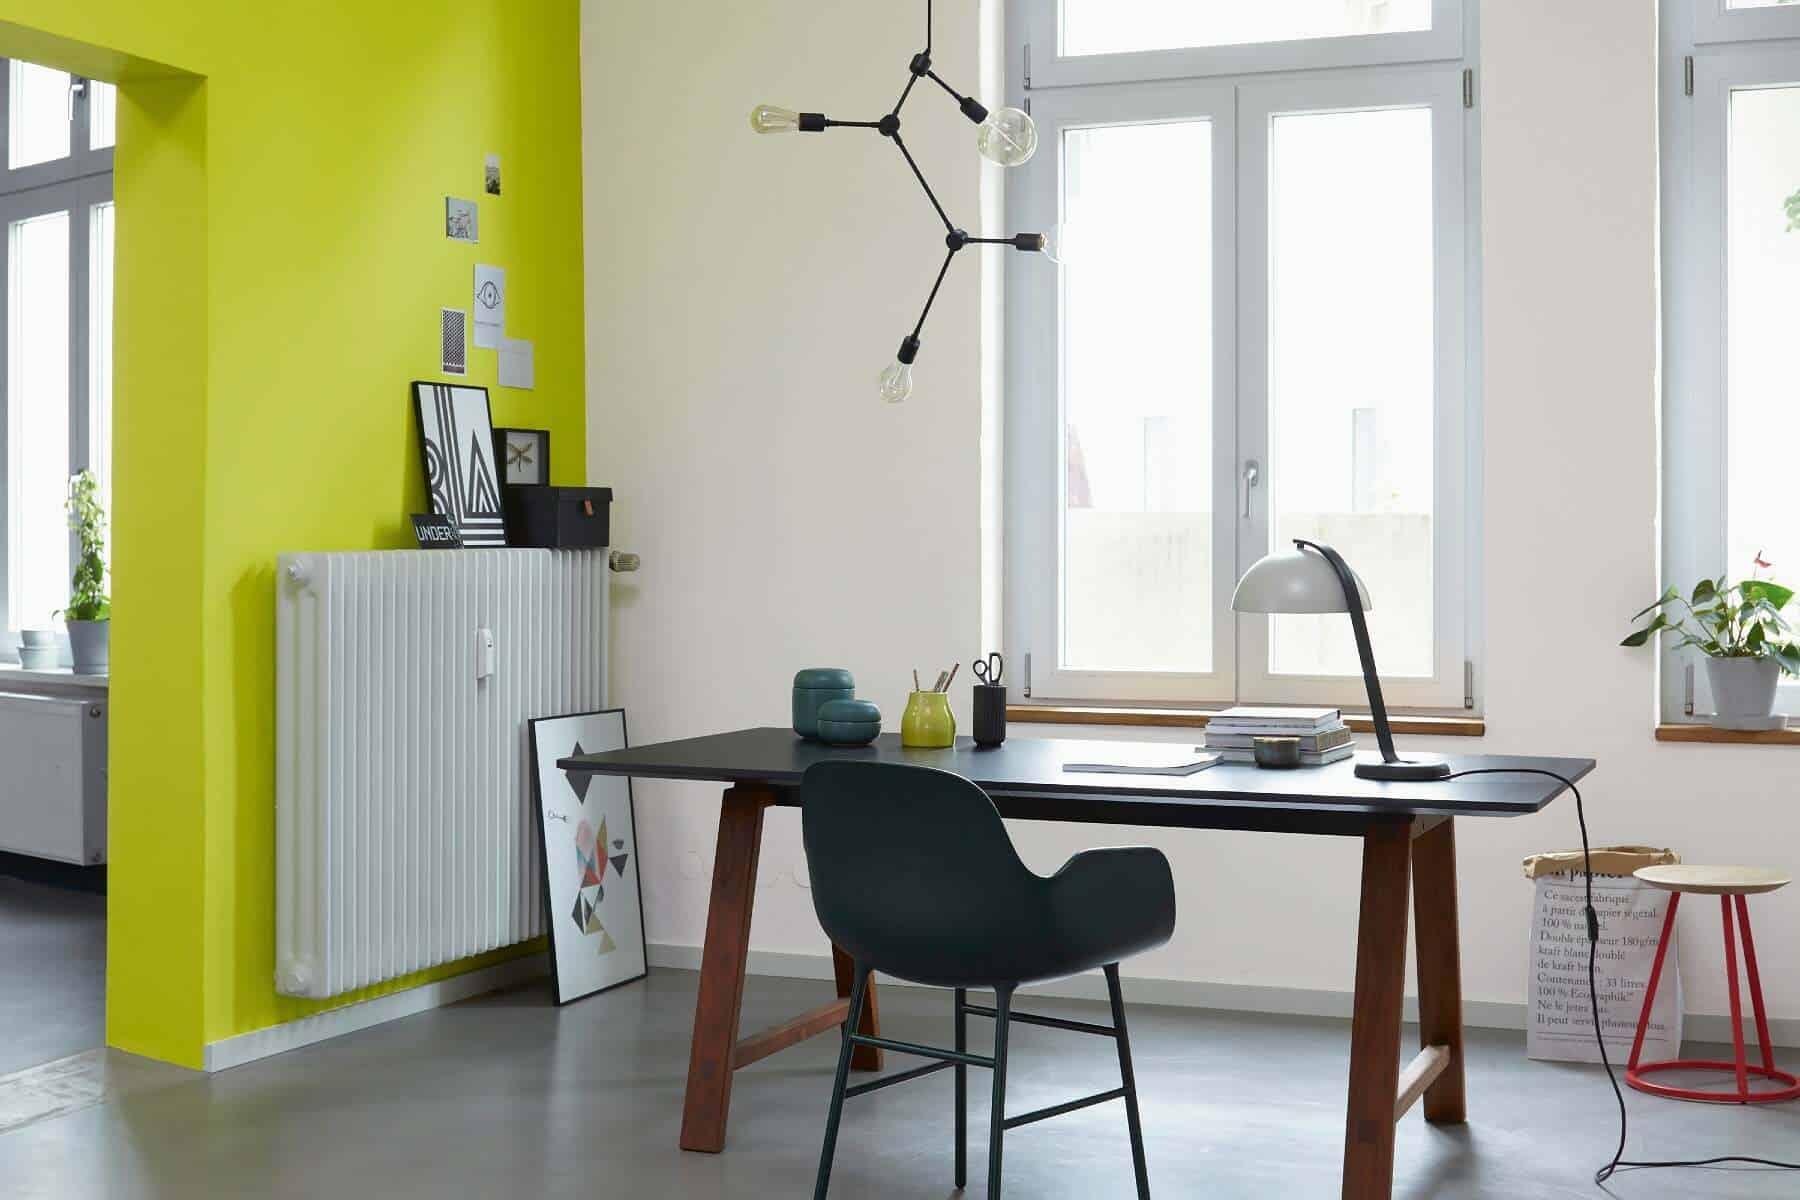 Schreibtisch vor gelber Wand